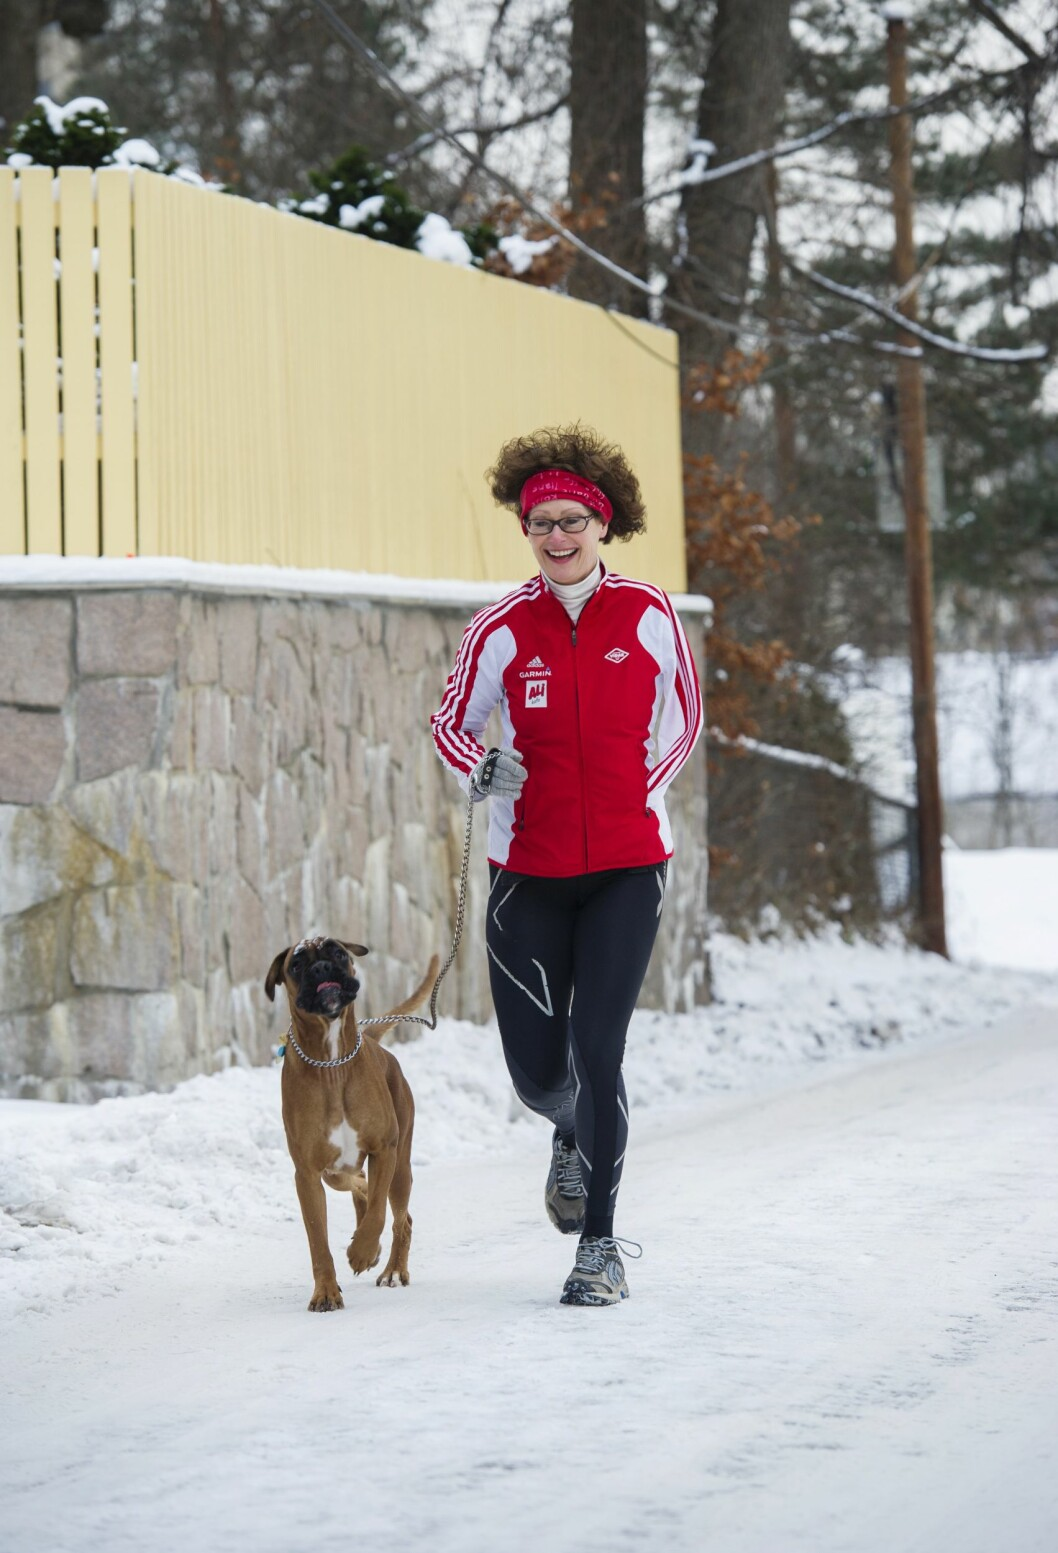 AKTIV: Anne Grethe har det bedre når hun løper enn når hun går. Hun løper flere ganger i uken og har ofte med seg Elsa Sophie  (14 mnd), som hun deler med sønnen.